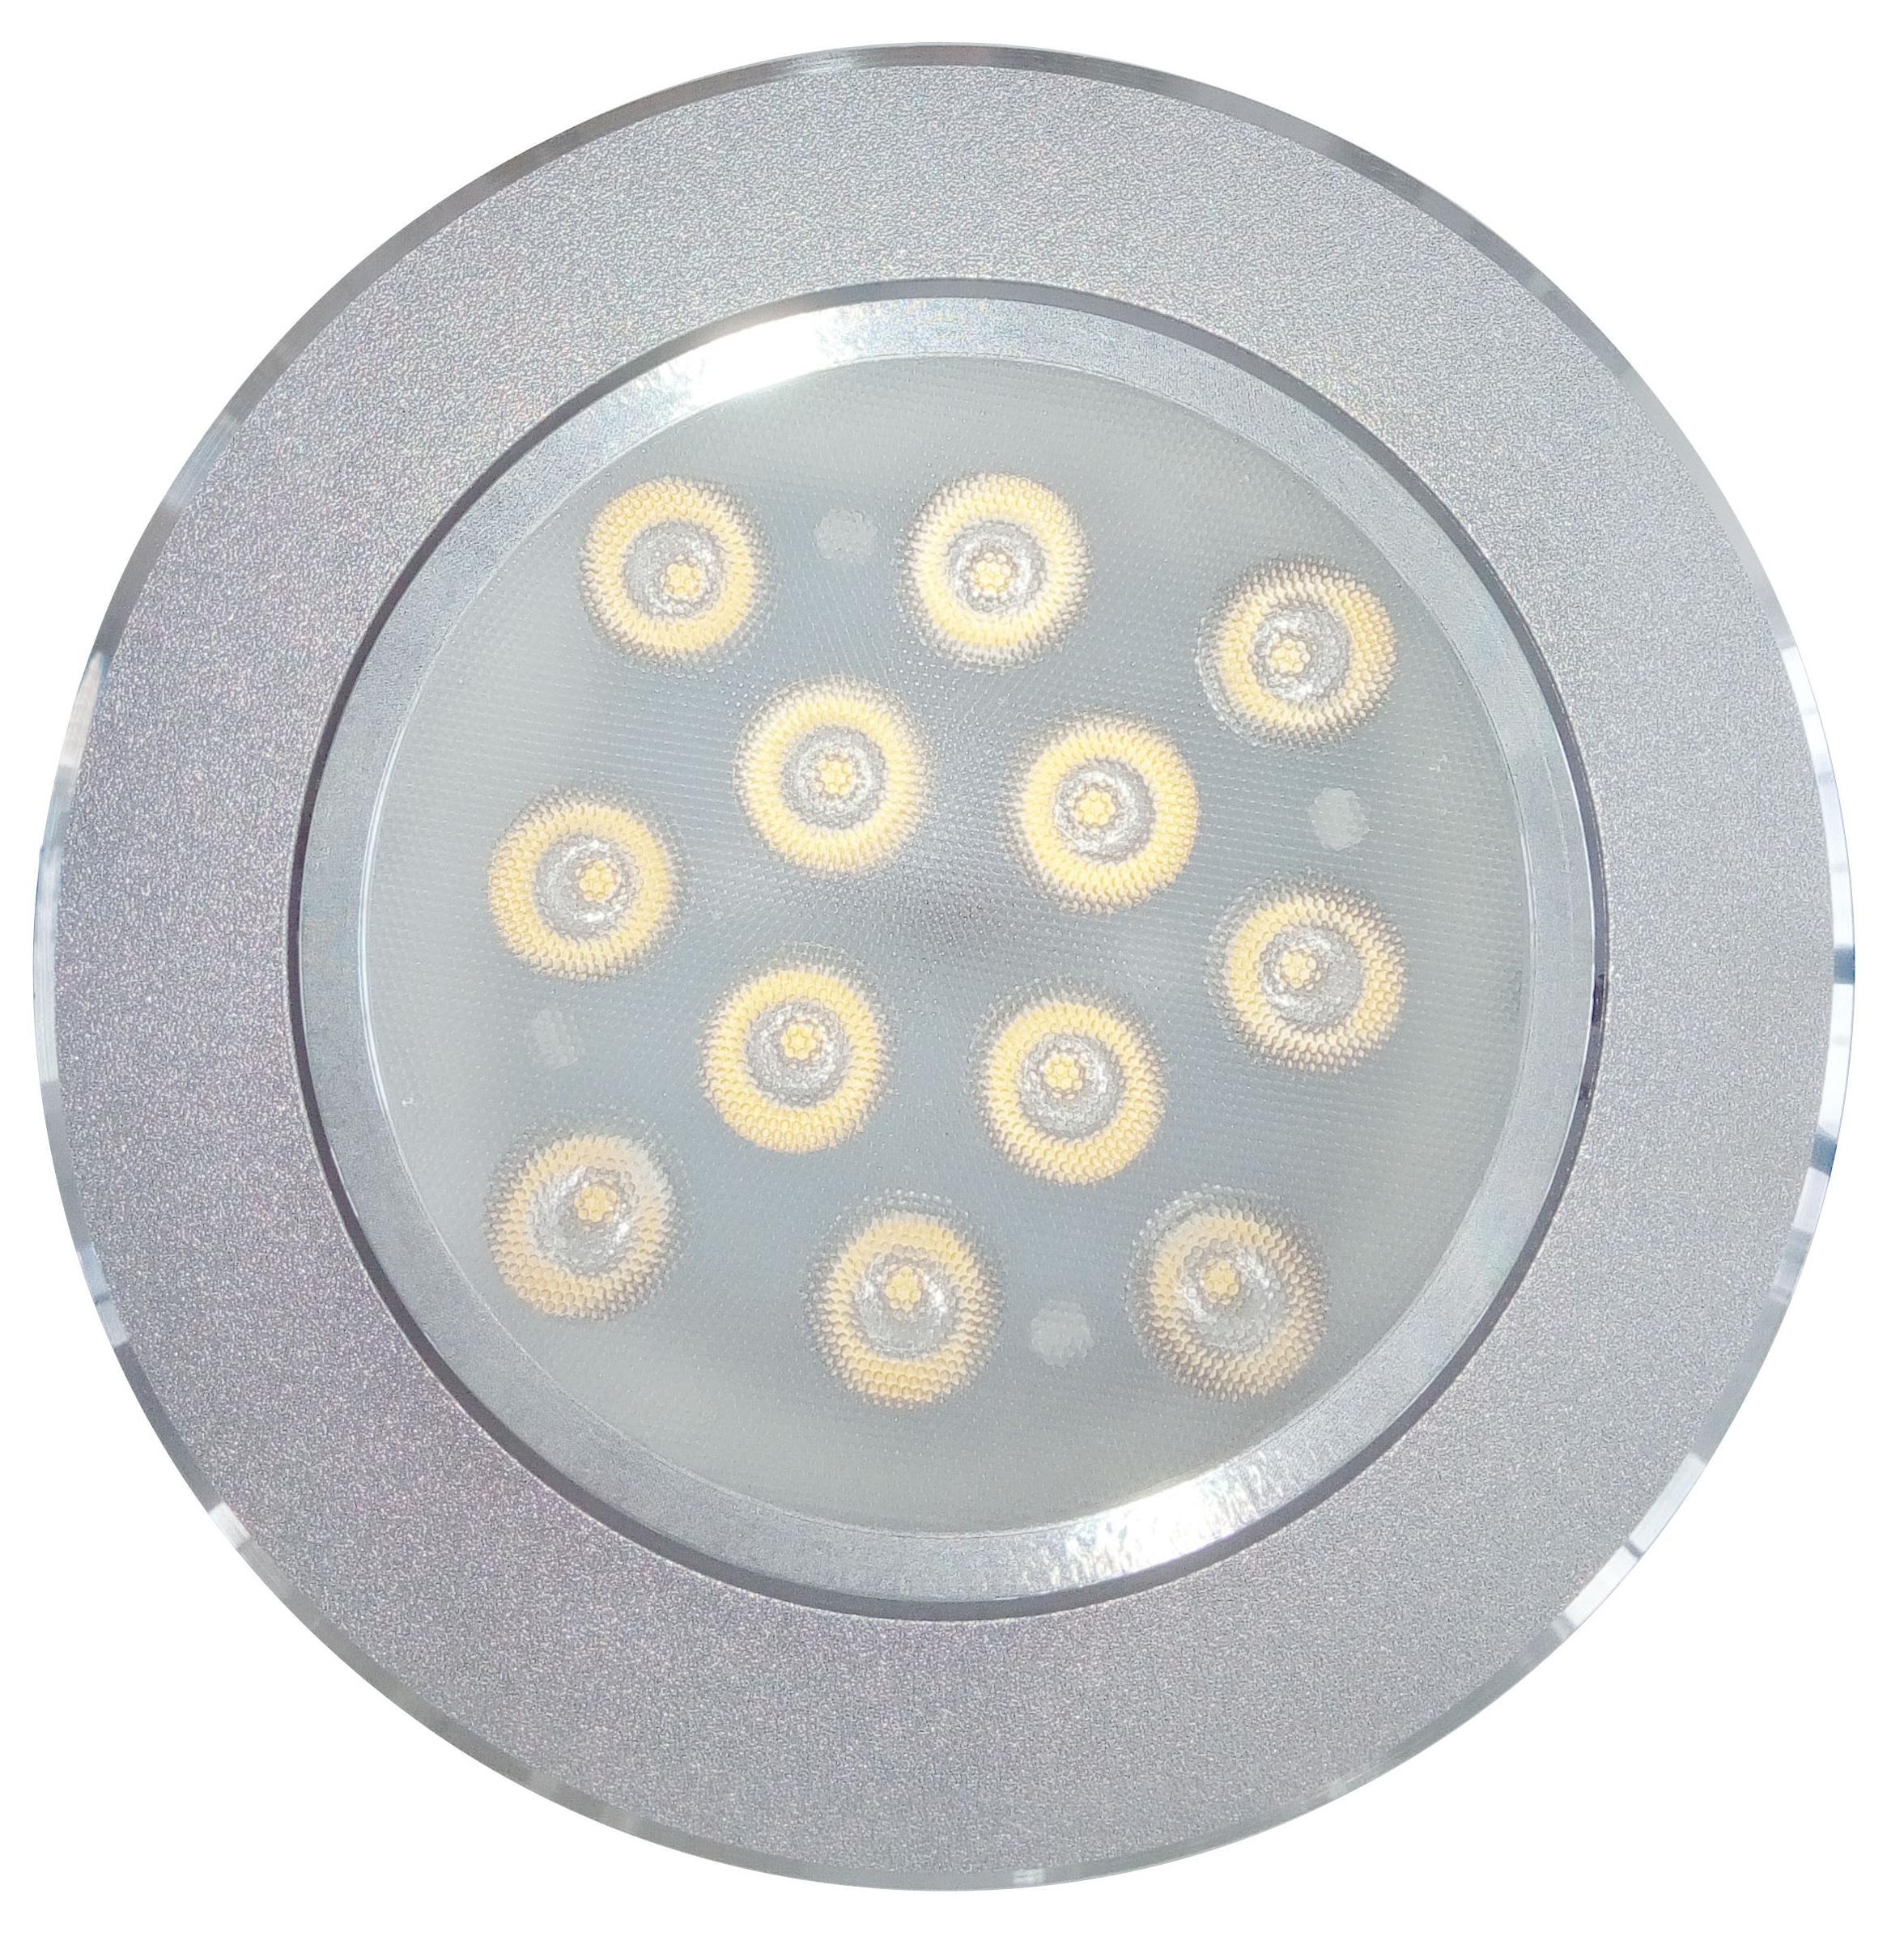 Светильник De fran Dc055 s smd led с пра и led 1053лм / 4000к серебристый светильник светодиодный de fran al 711 у smd 20вт 220b ip40 d400 h120